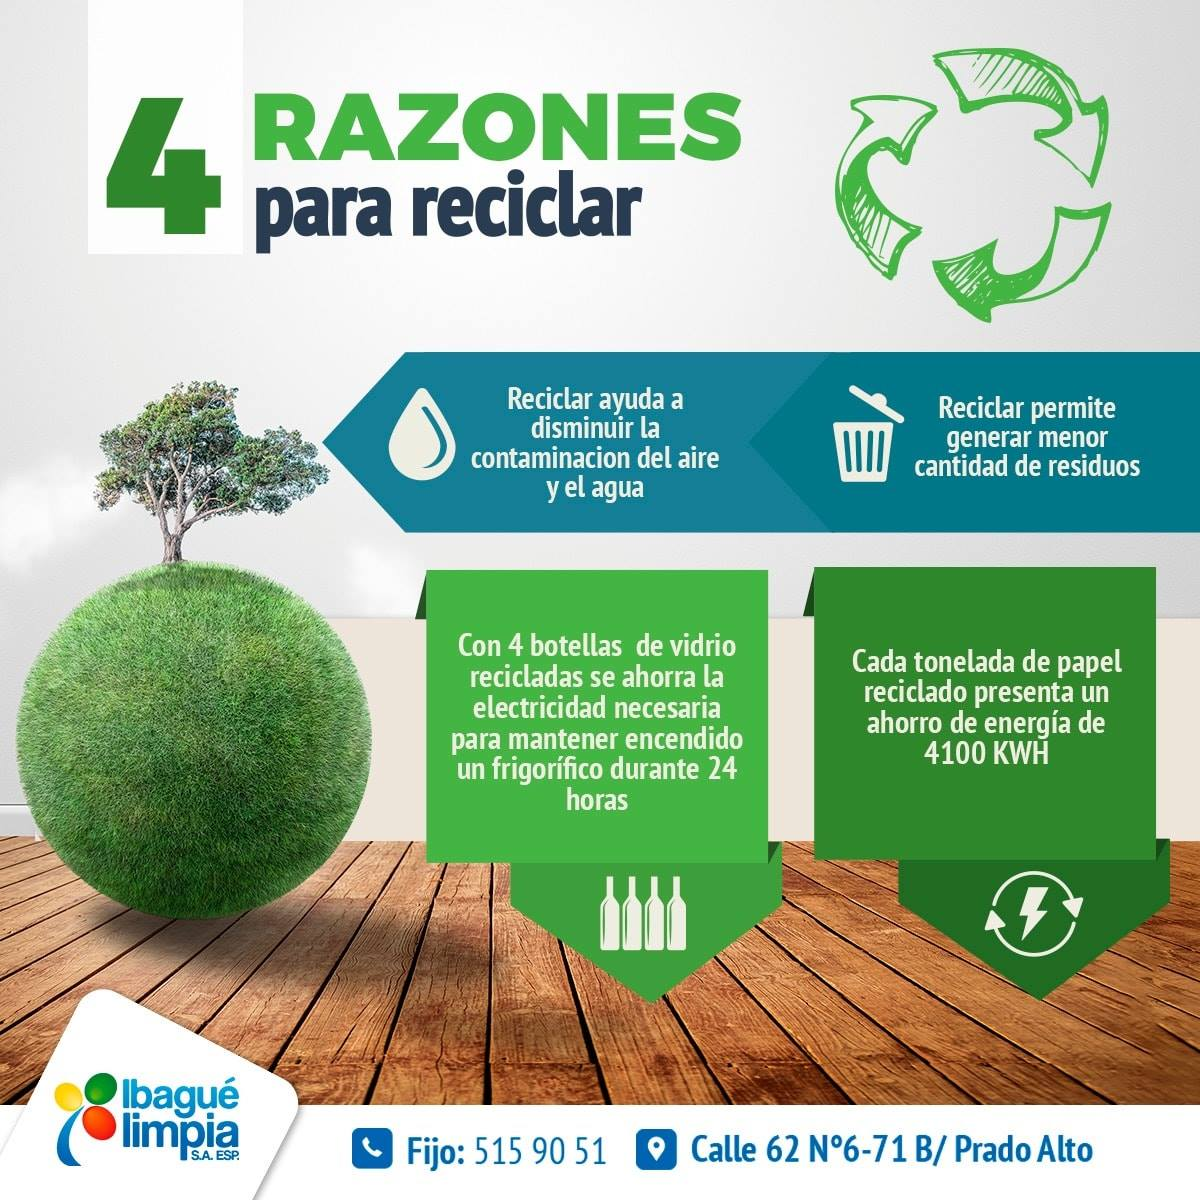 4 razones para reciclar